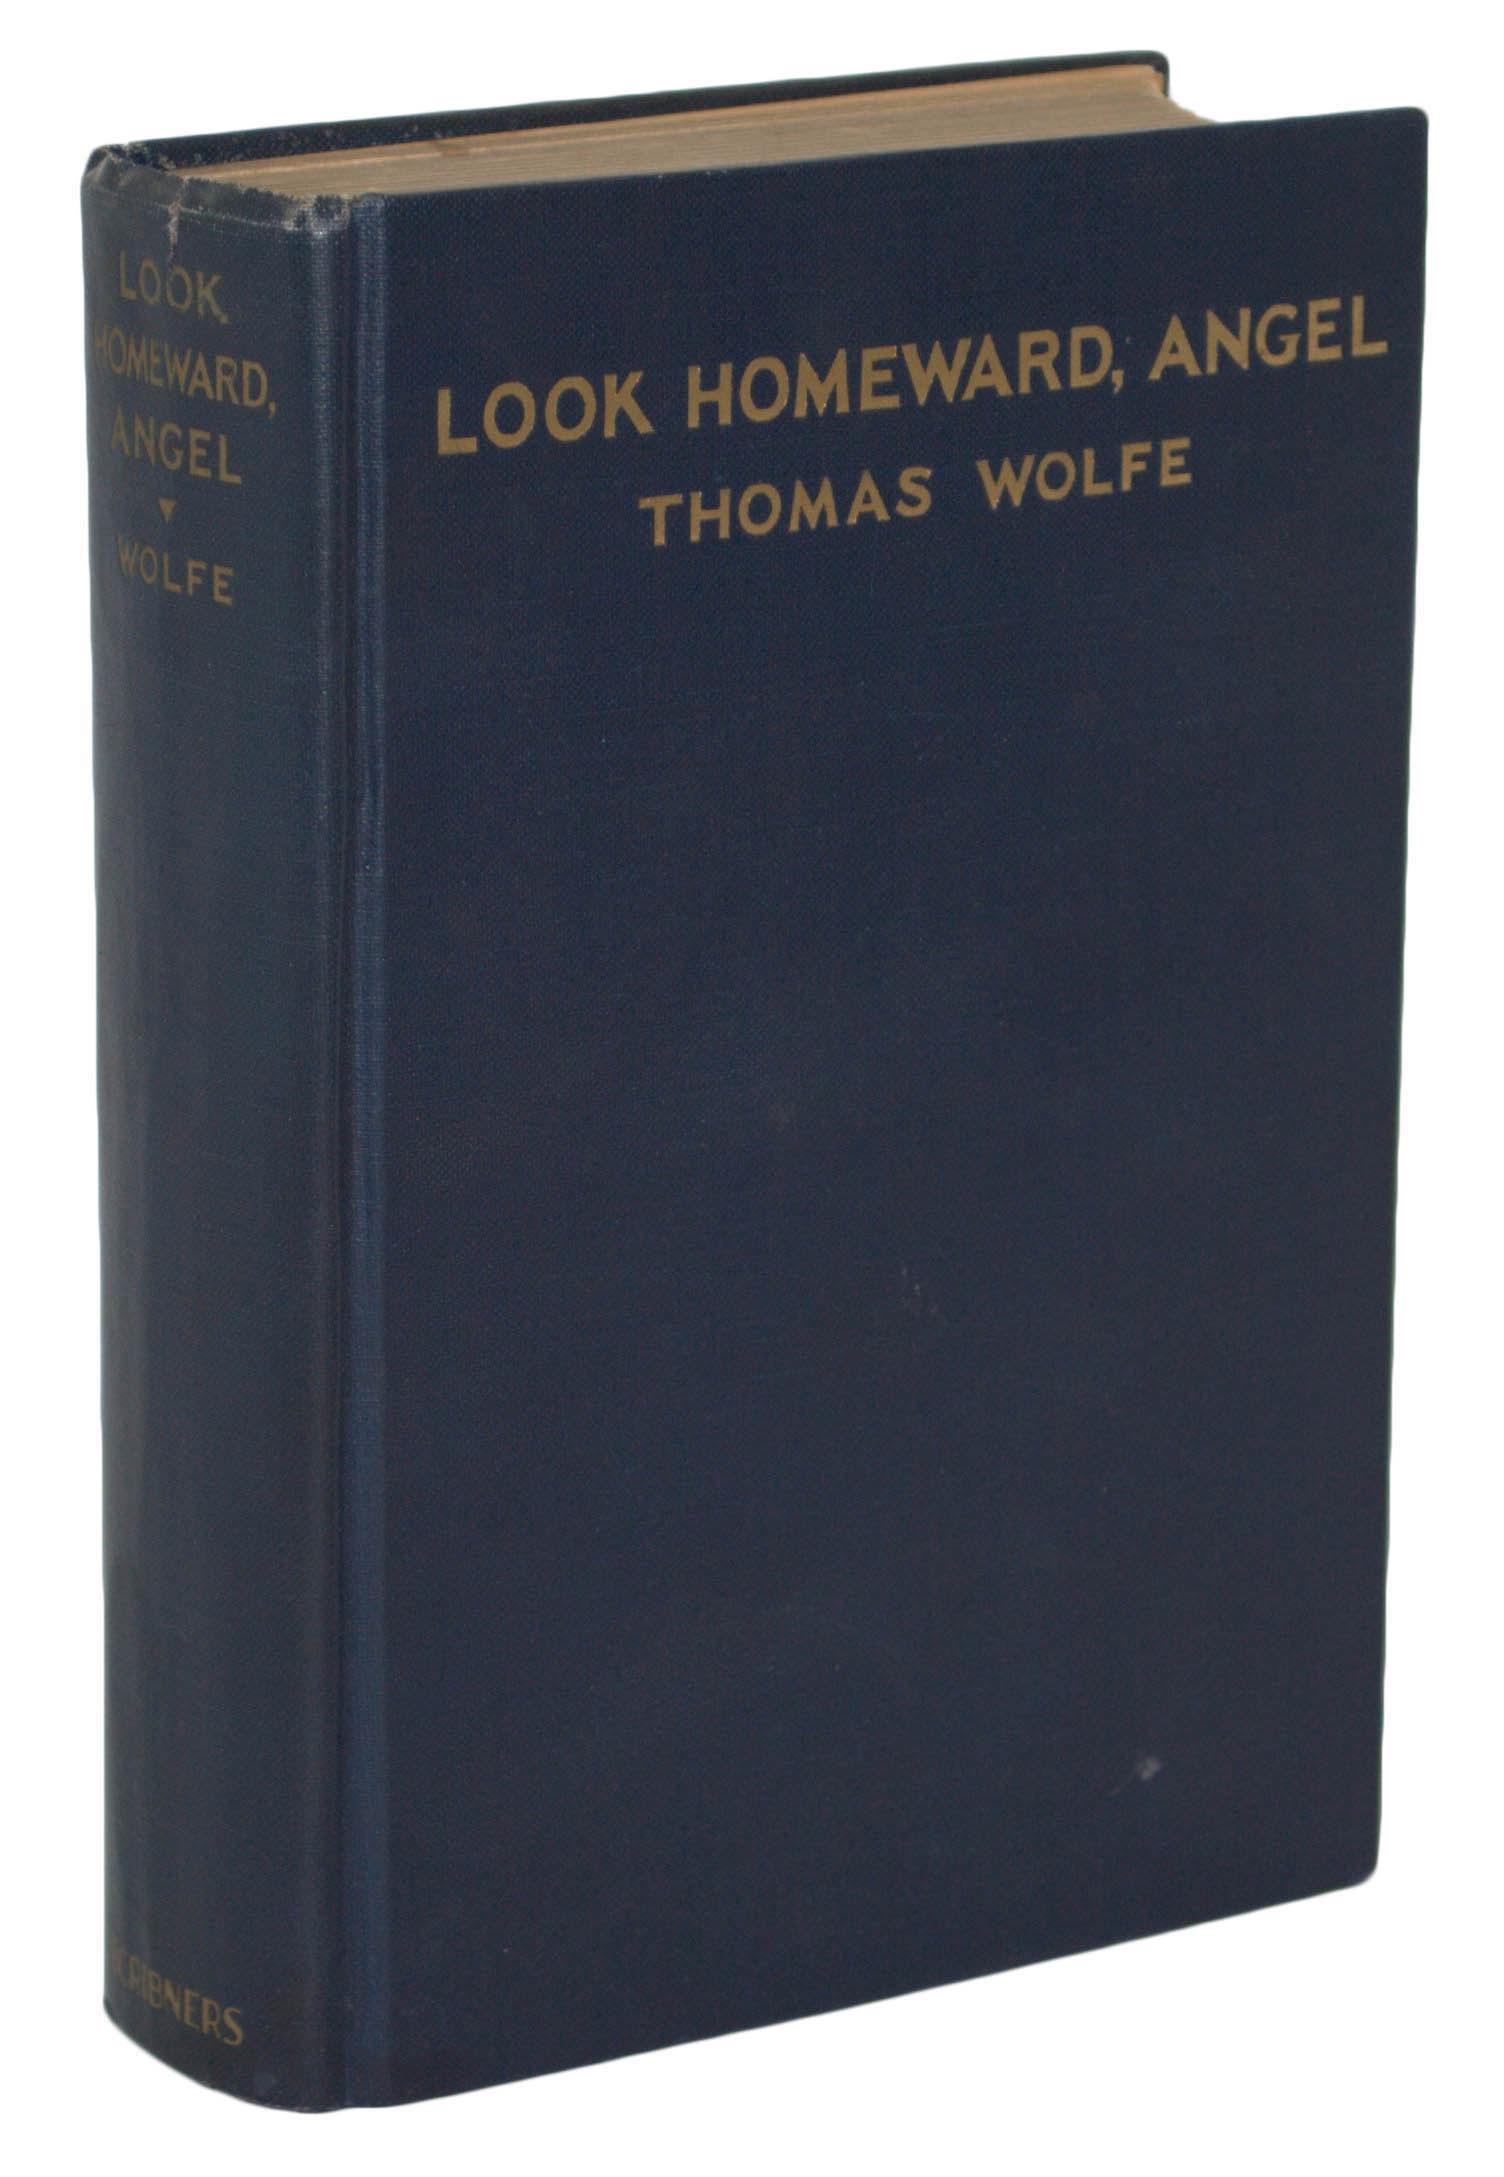 book review of look homeward angel